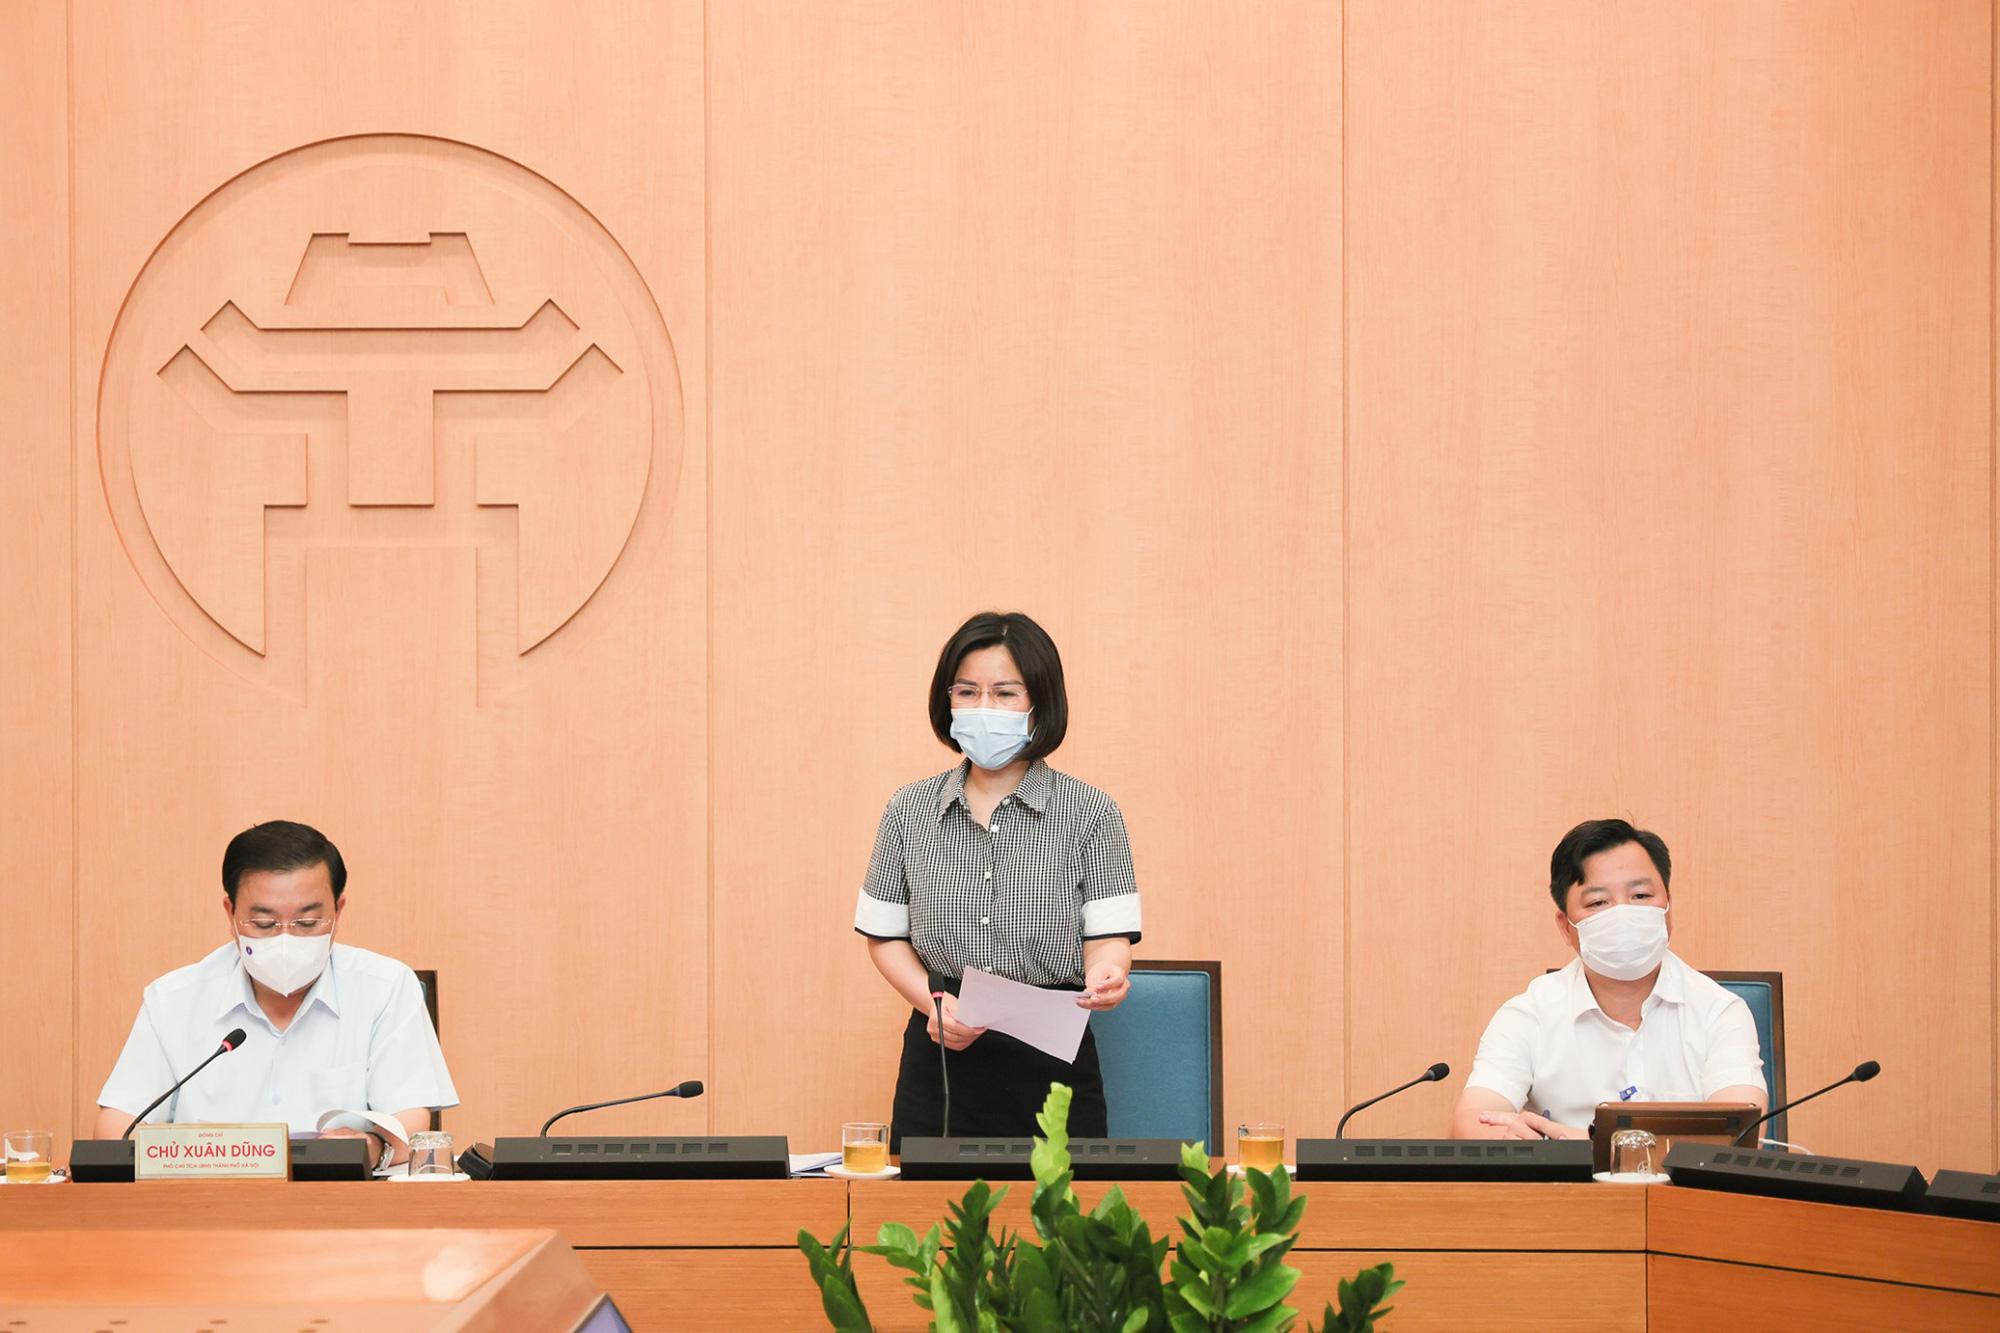 Nóng: Phát hiện bác sĩ tại Hà Nội dương tính với SARS-CoV-2 - Ảnh 1.